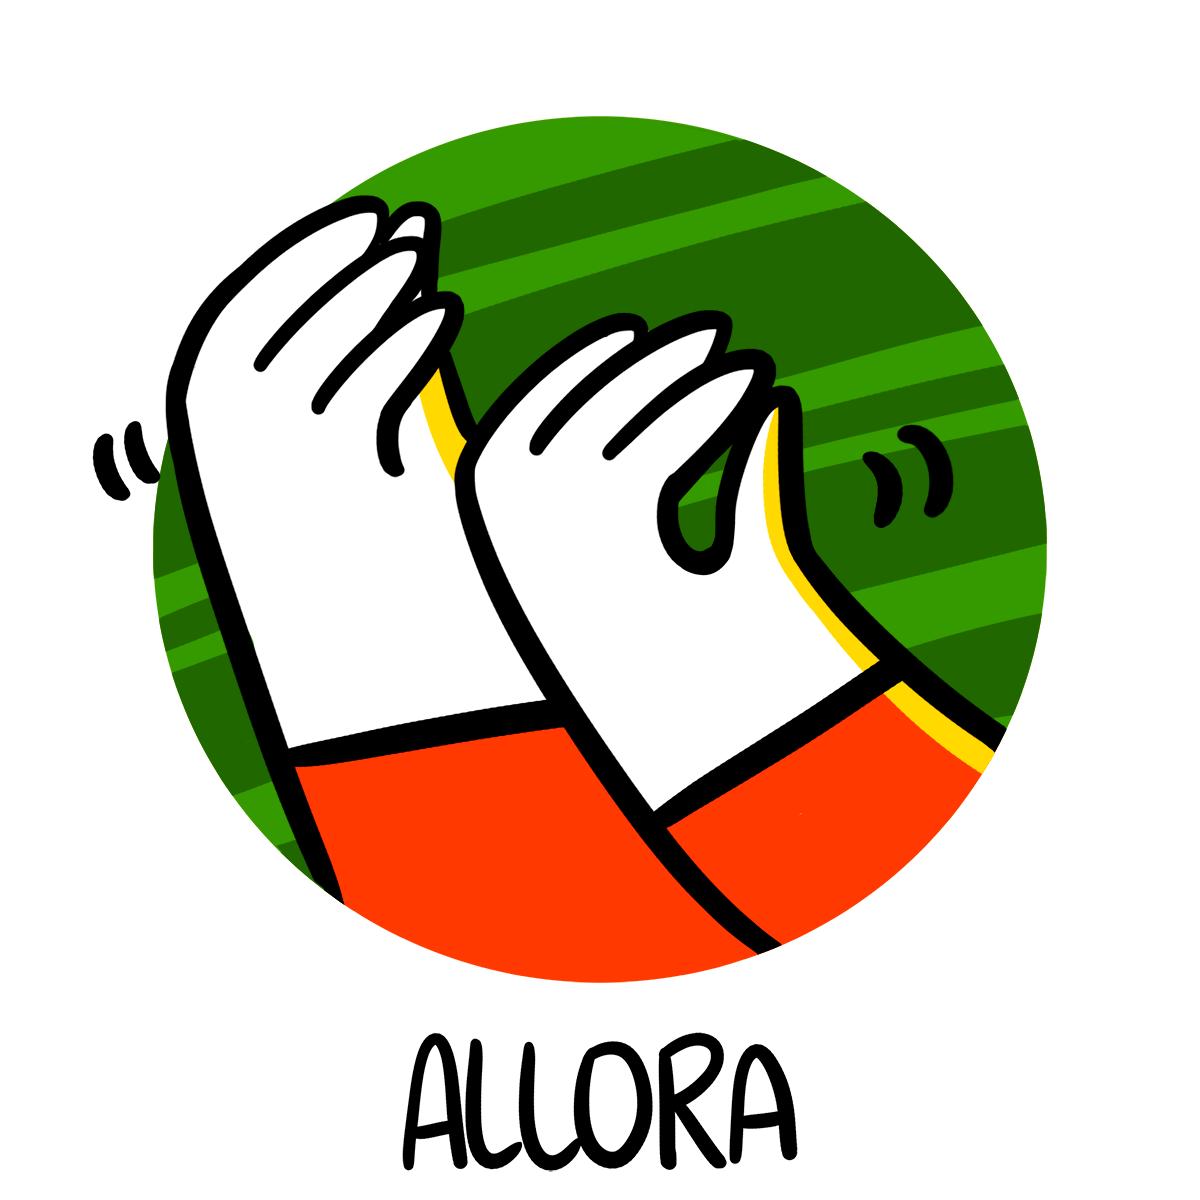 Allora est probablement le plus utilisé de nos mots italiens préférés